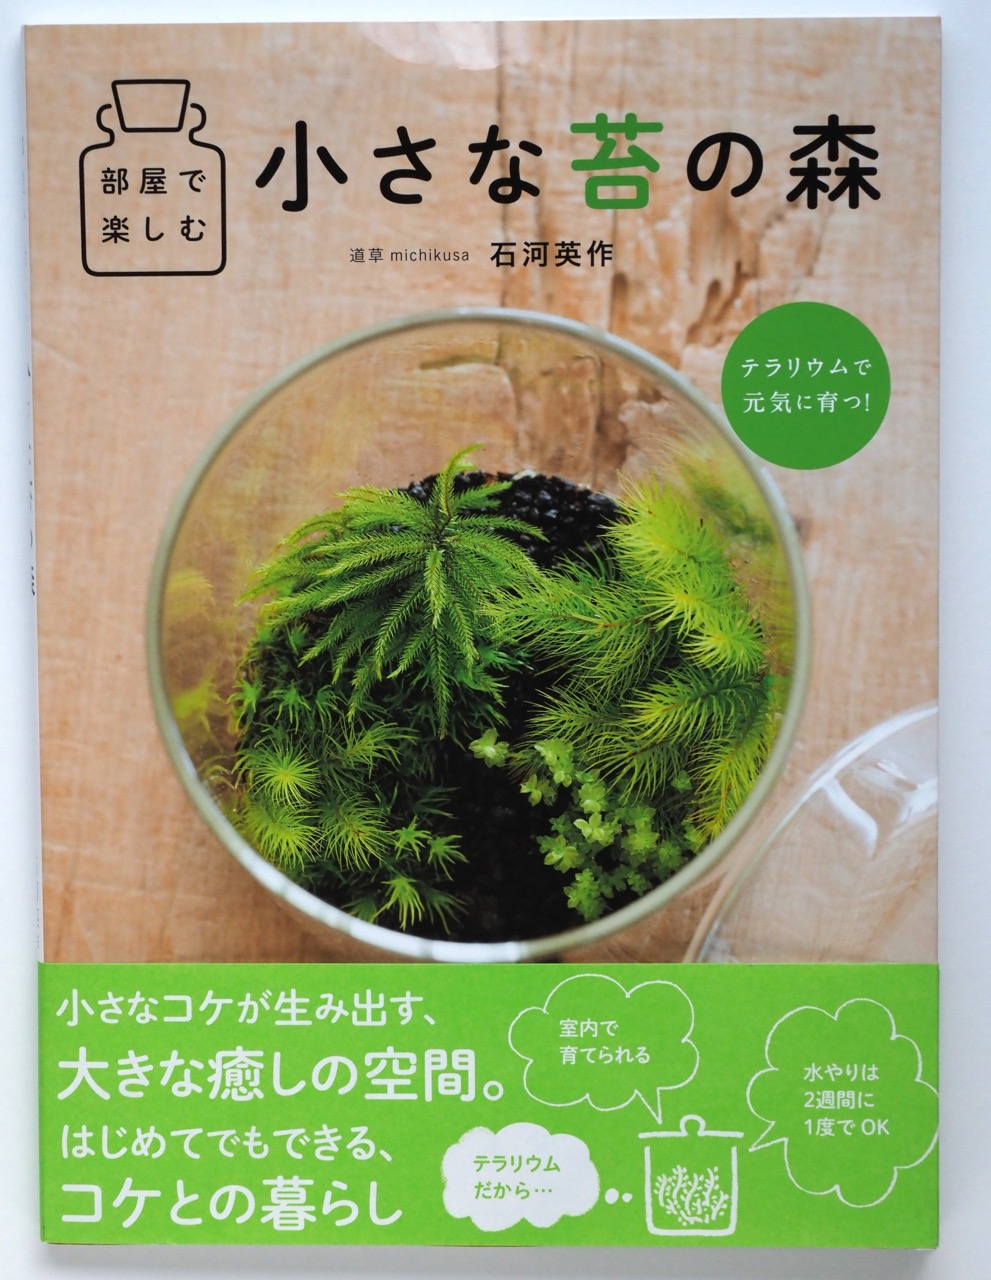 苔ブームですが、部屋の緑は苔テラリウム